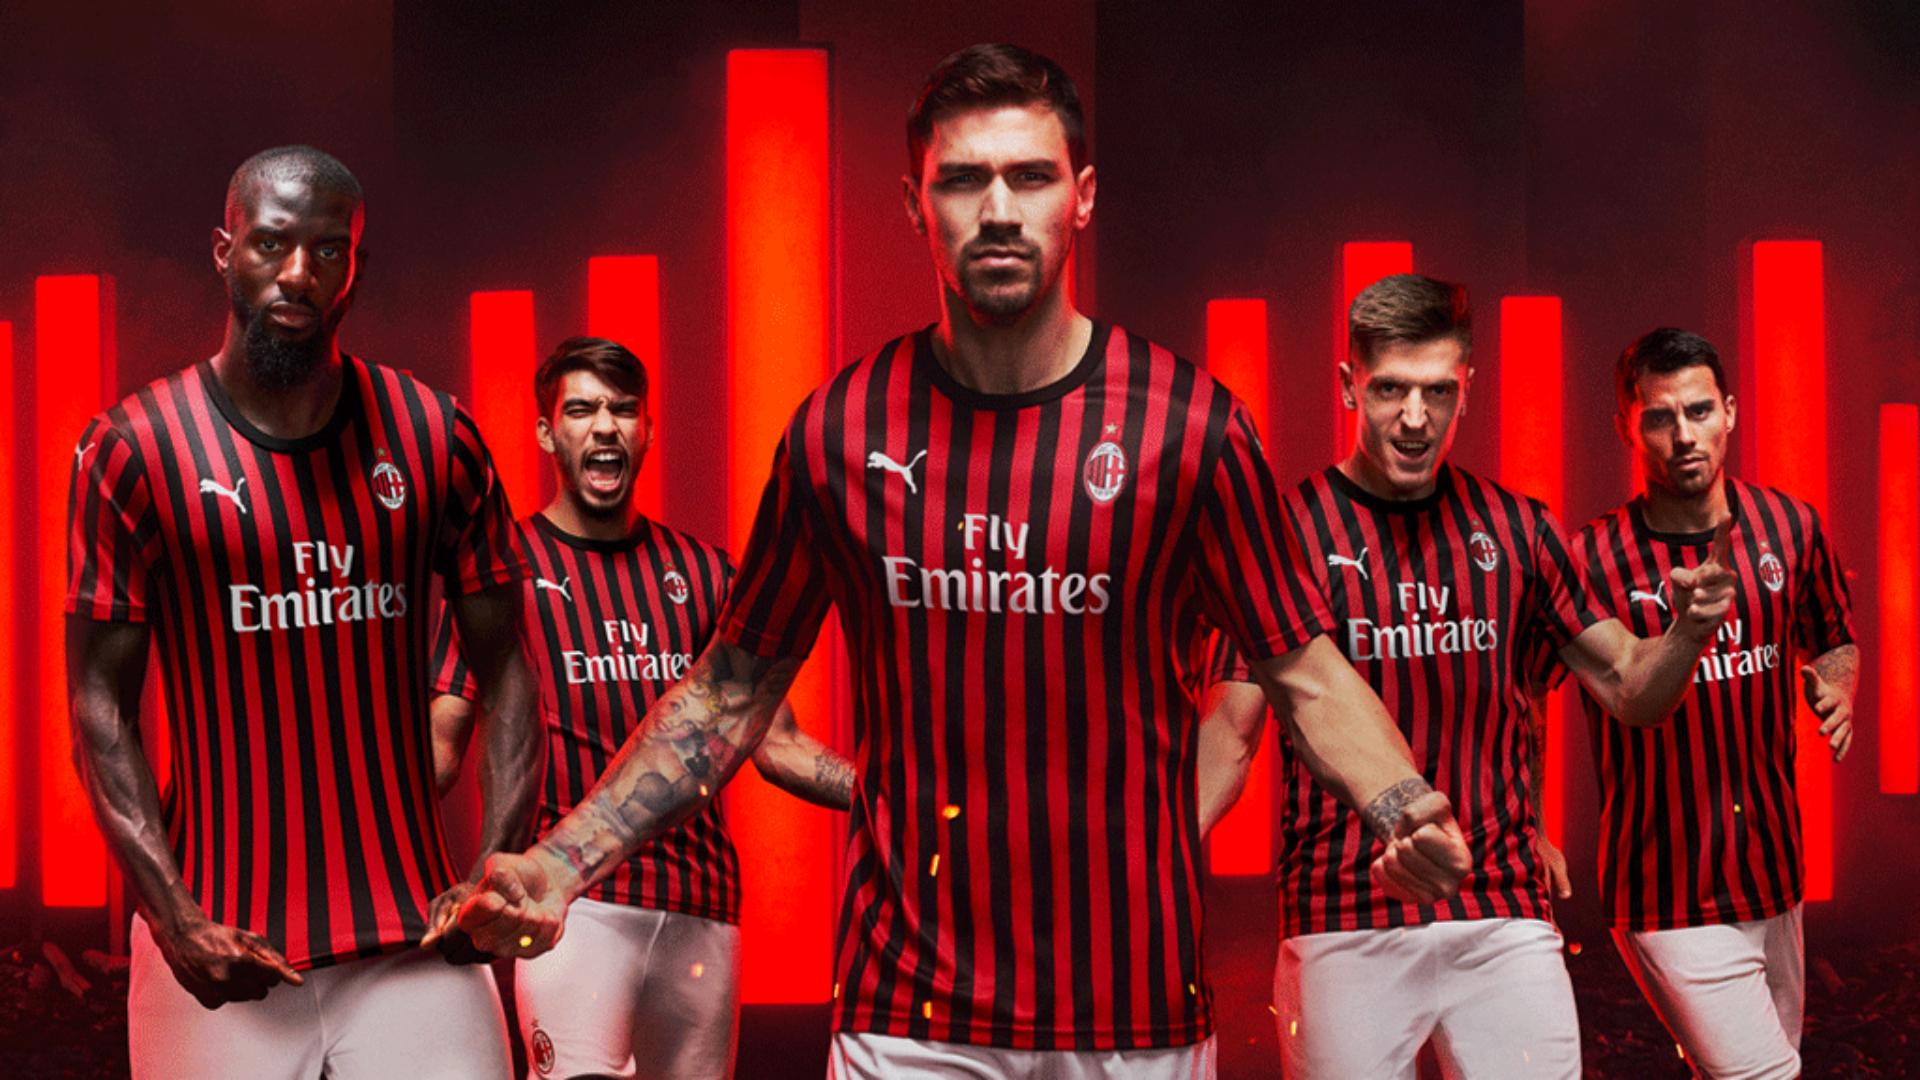 Calendario Partite Milan 2020.Calendario Amichevoli Milan 2019 In Tv E Streaming Date E